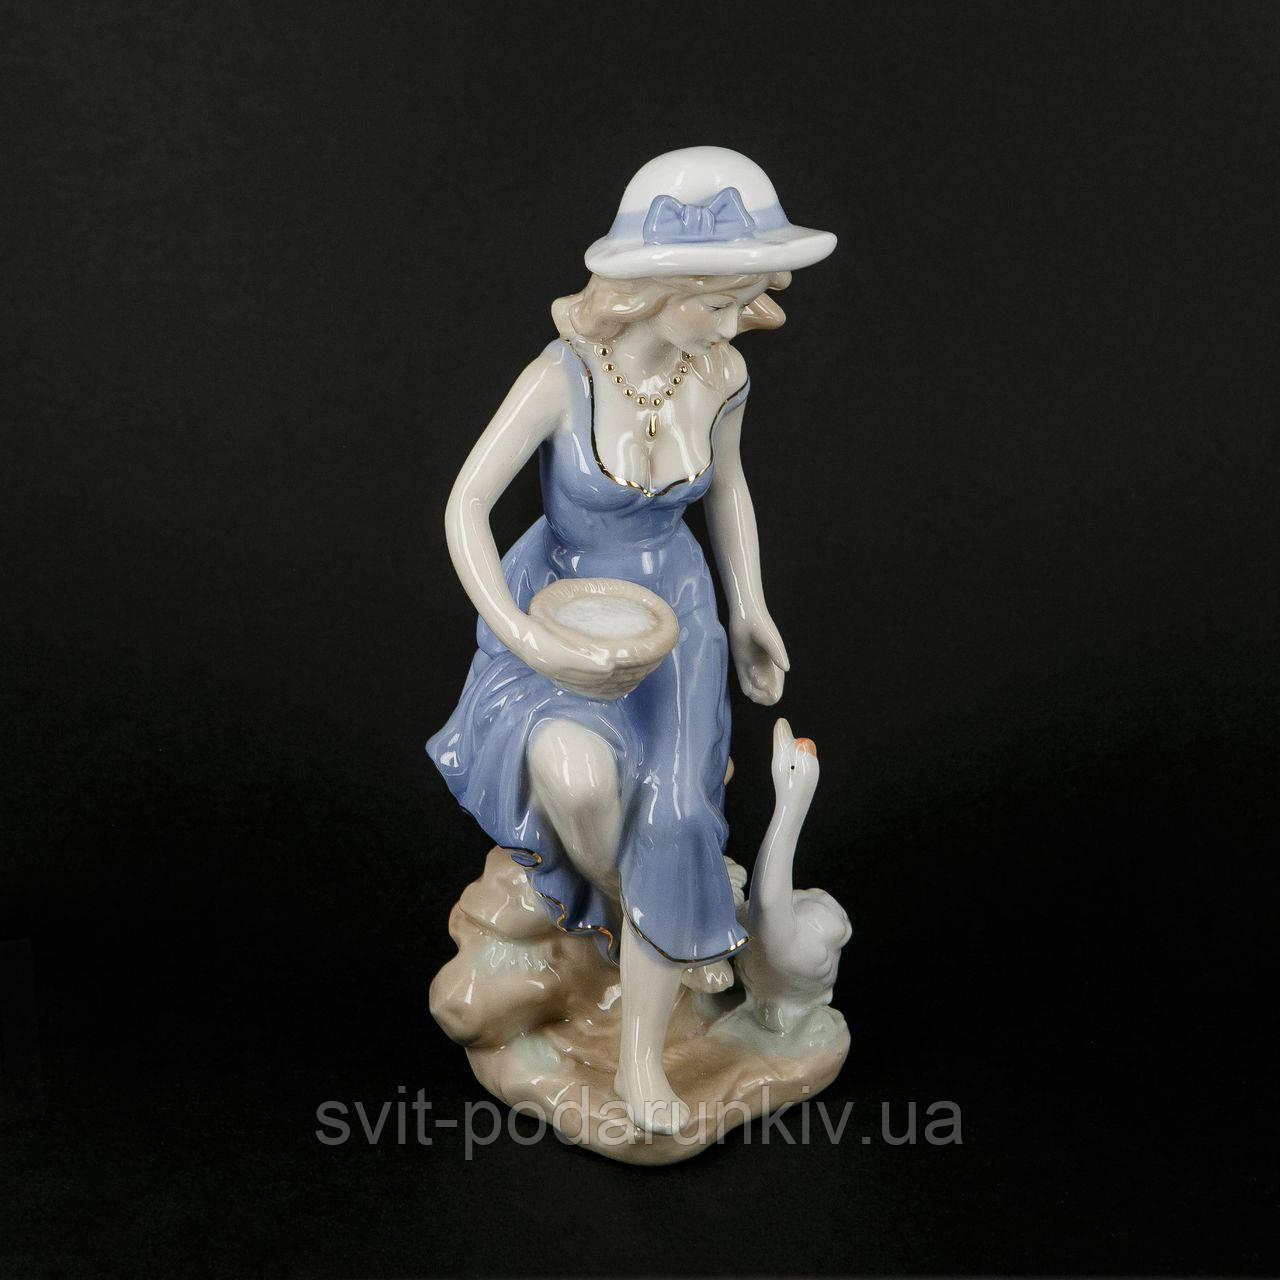 Фарфоровая статуэтка девушки и лебедя S0746